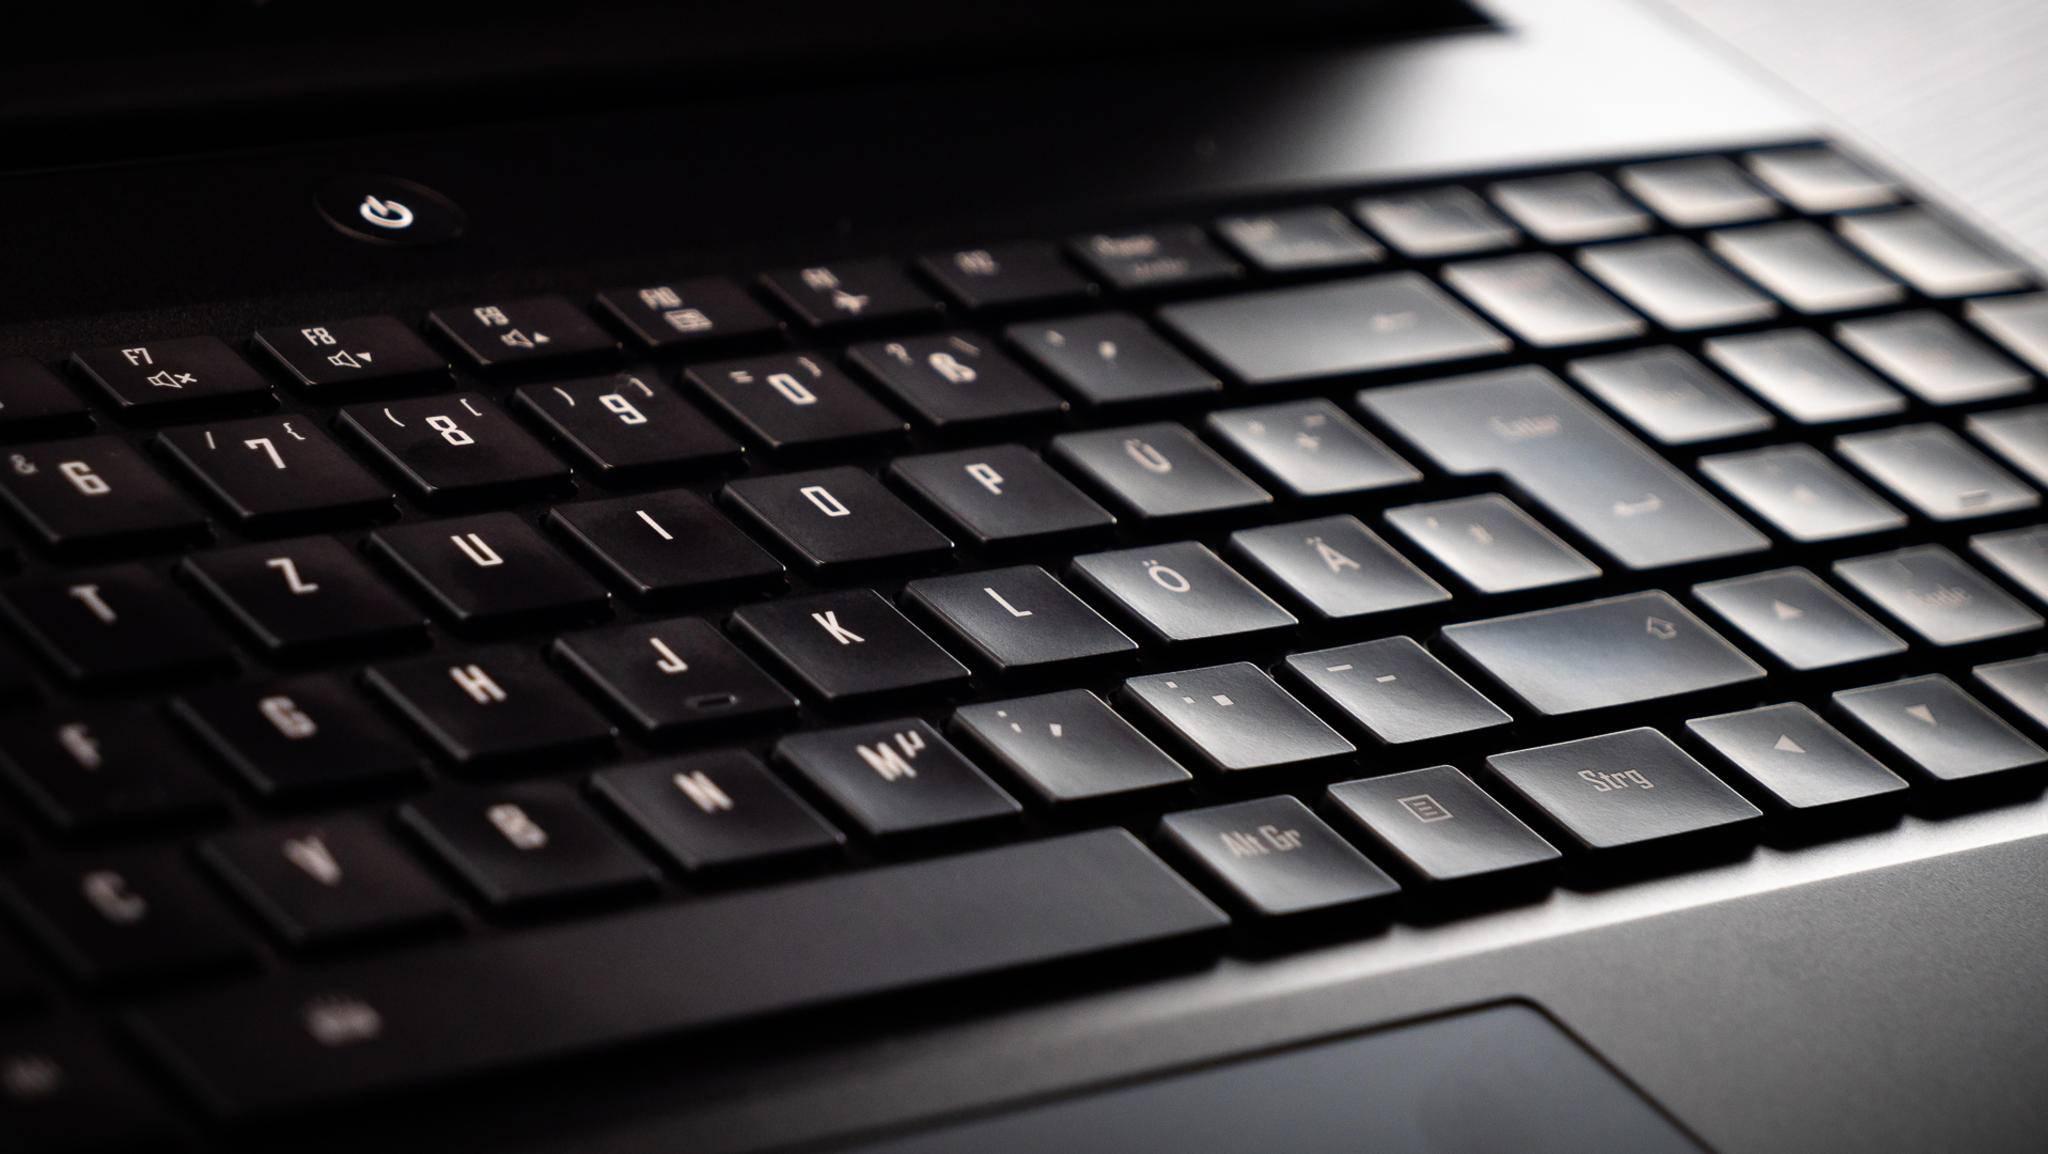 Für so eine saubere Tastatur musst Du schon ein paar Anstrengungen unternehmen.